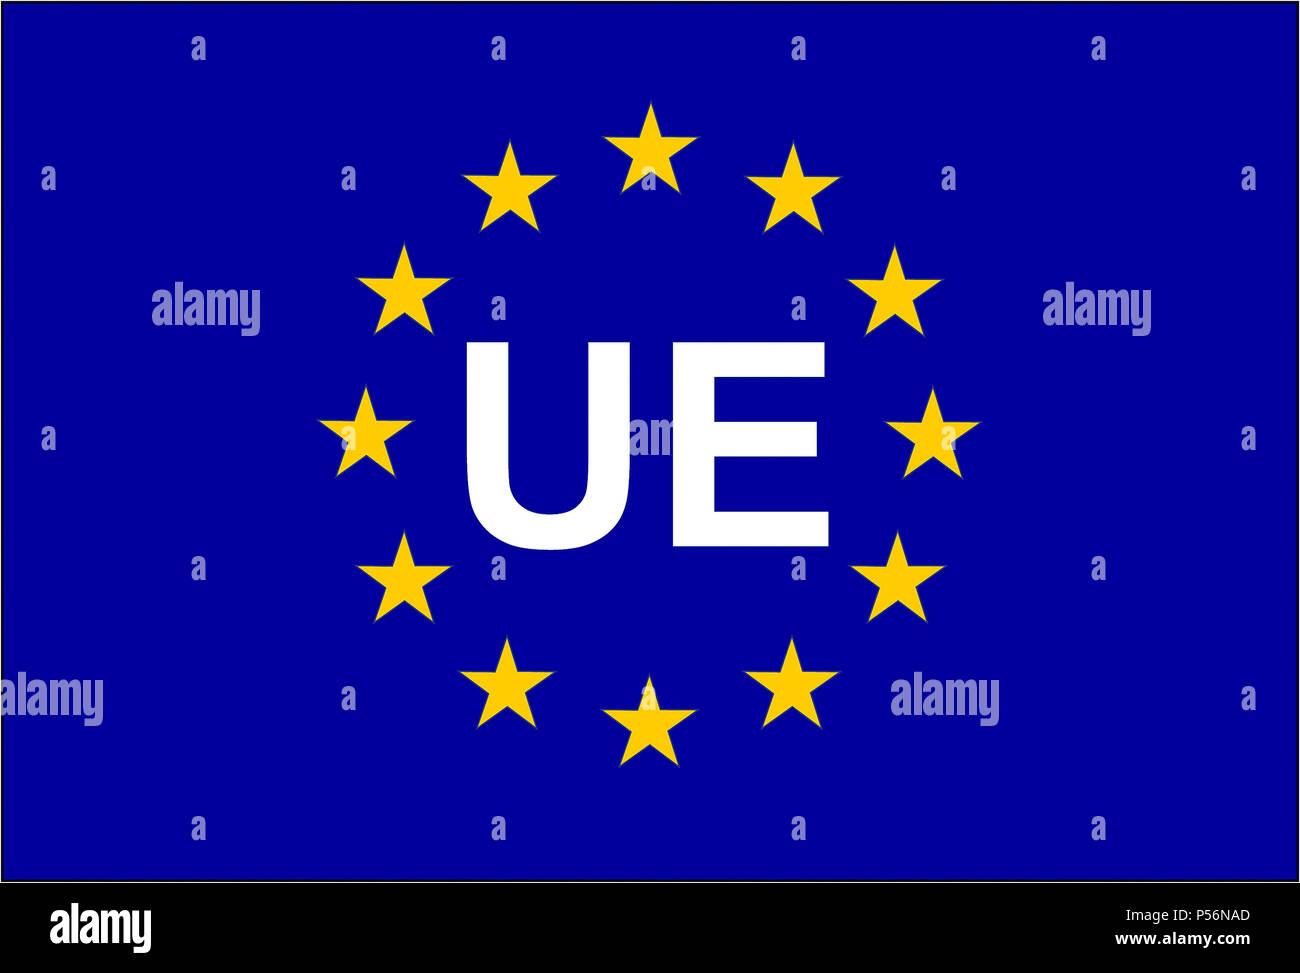 La bandera de la Unión Europea UE símbolo ans Imagen De Stock